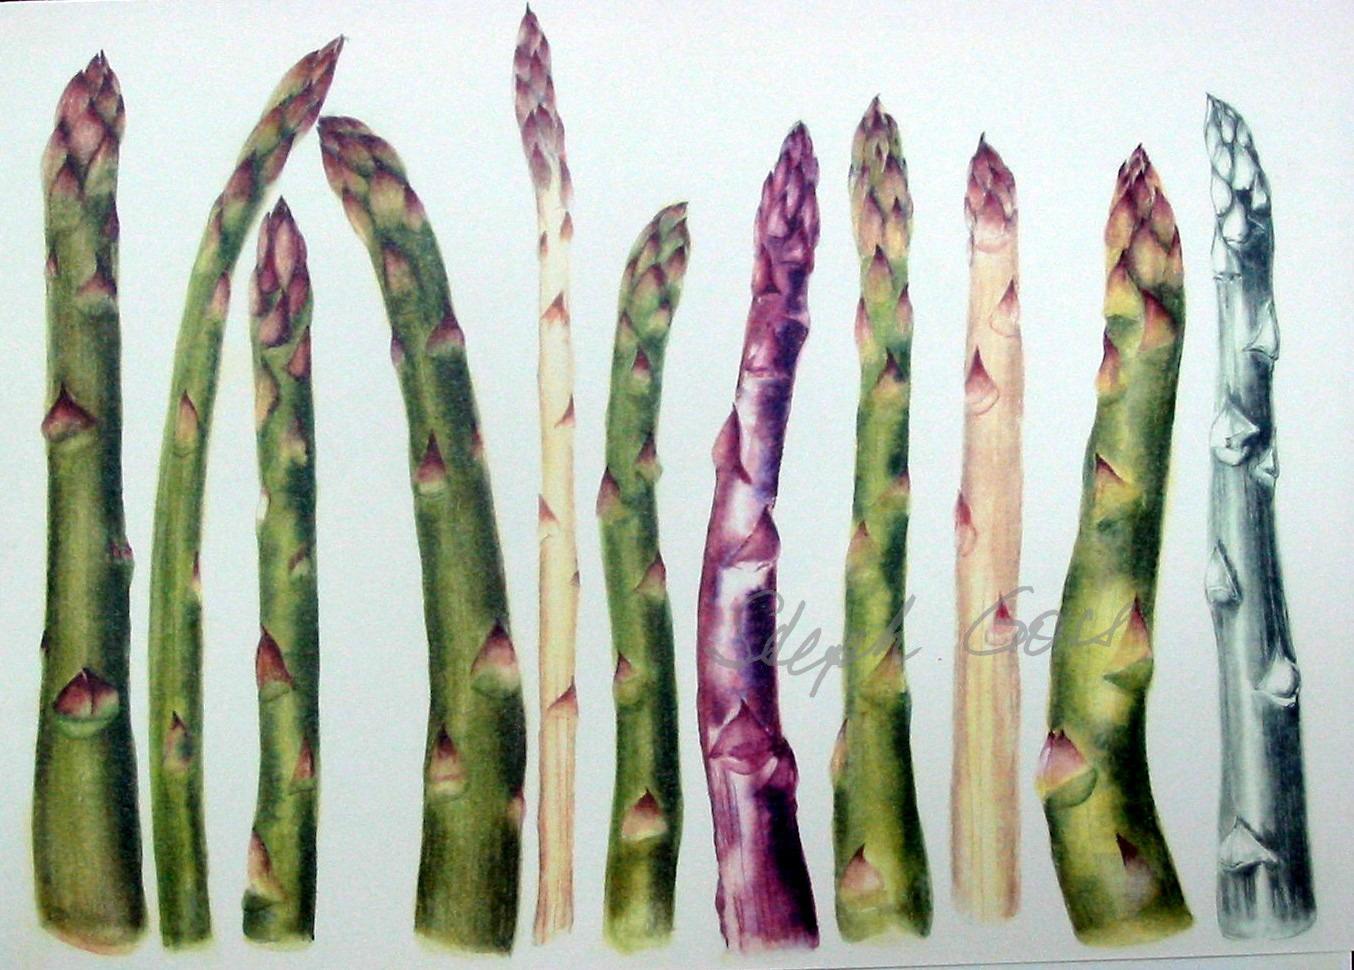 8. Asparagus